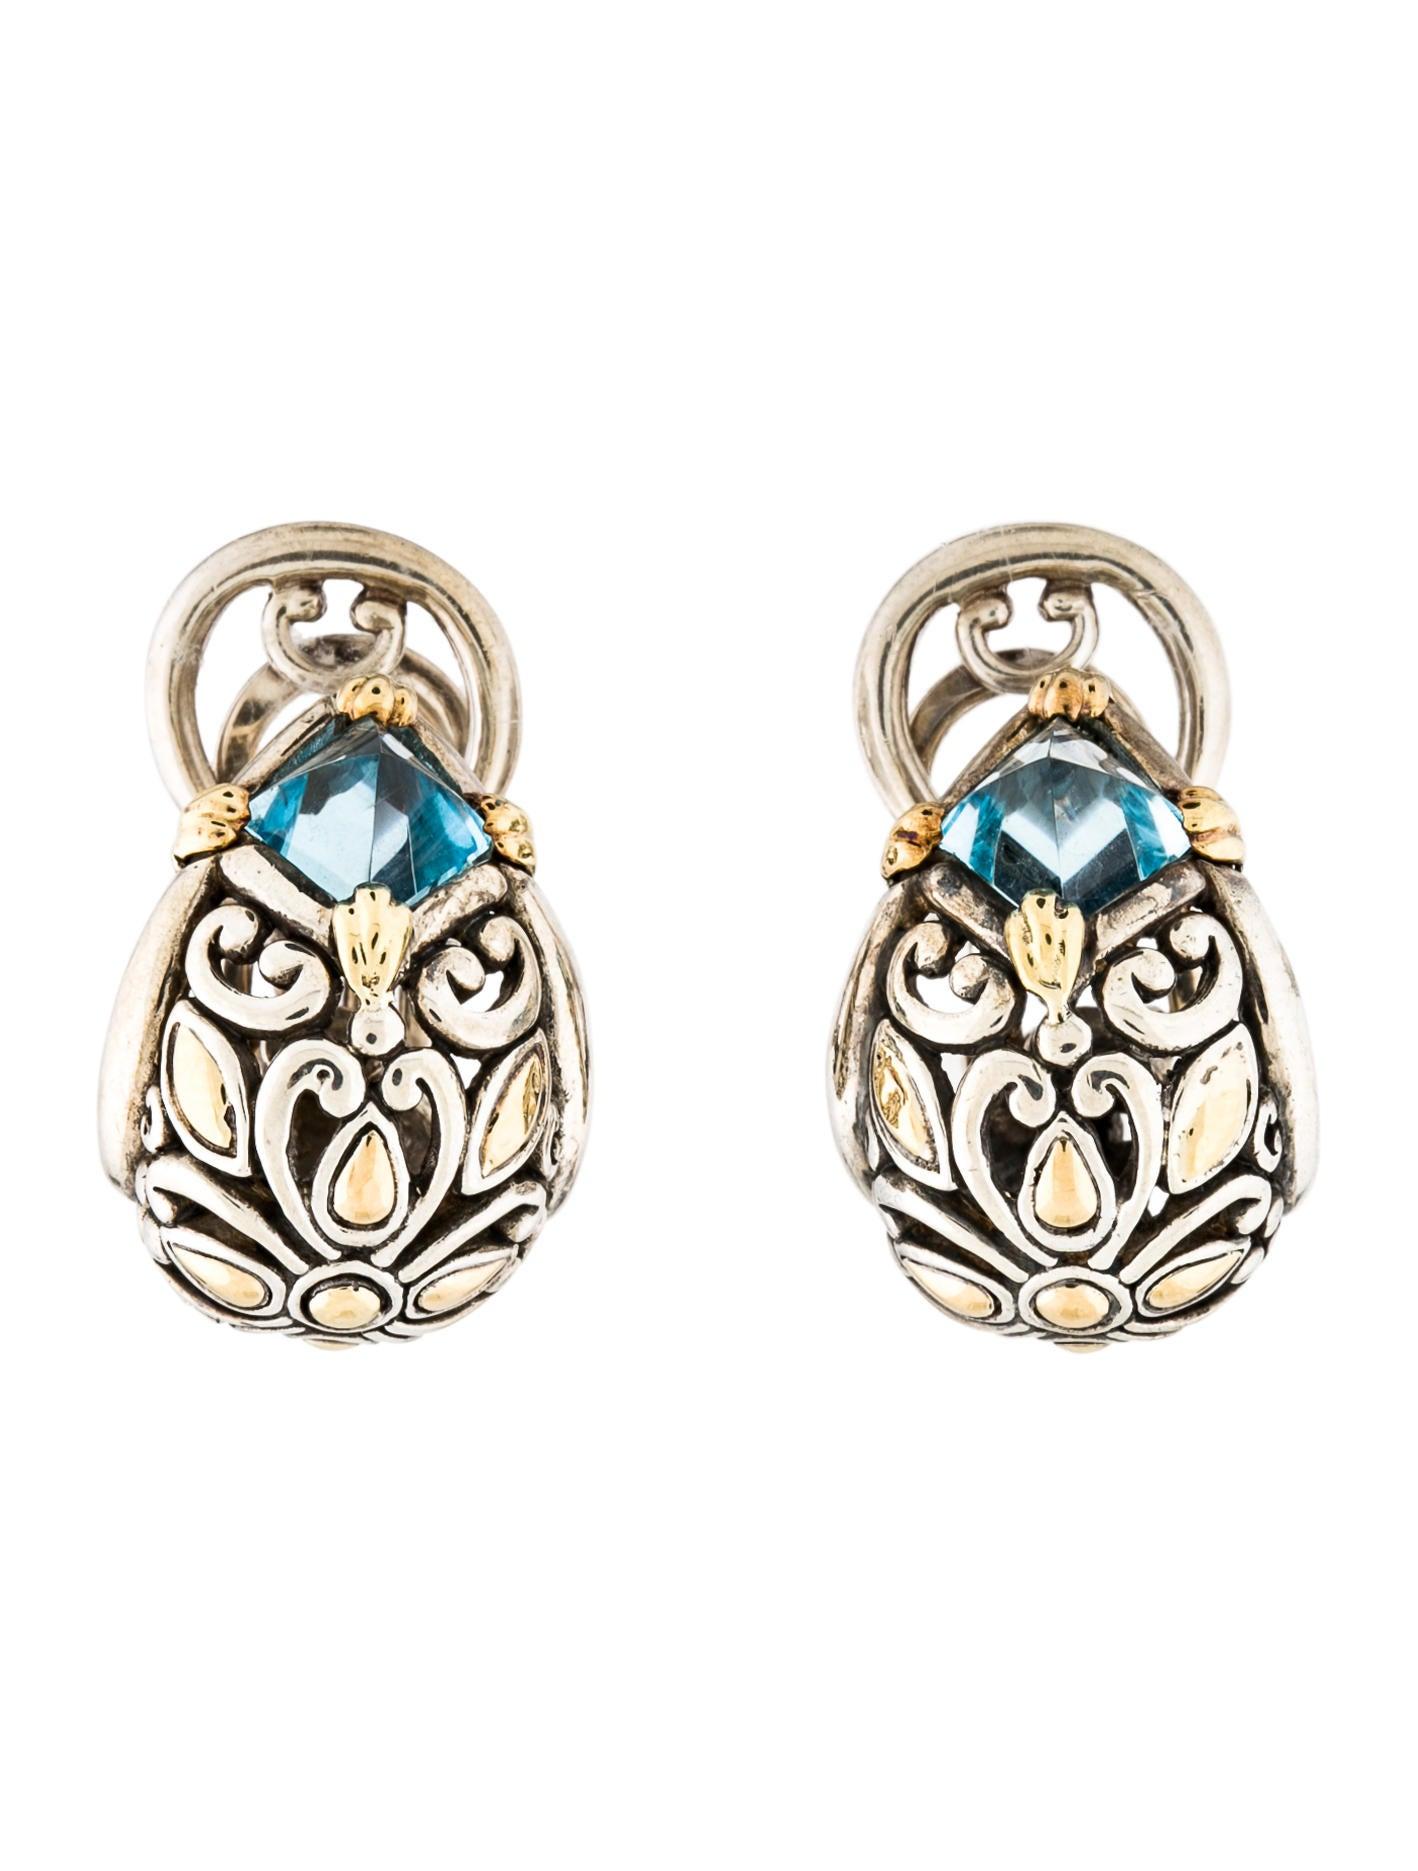 John hardy topaz hoop earrings earrings jha27004 the for John hardy jewelry earrings